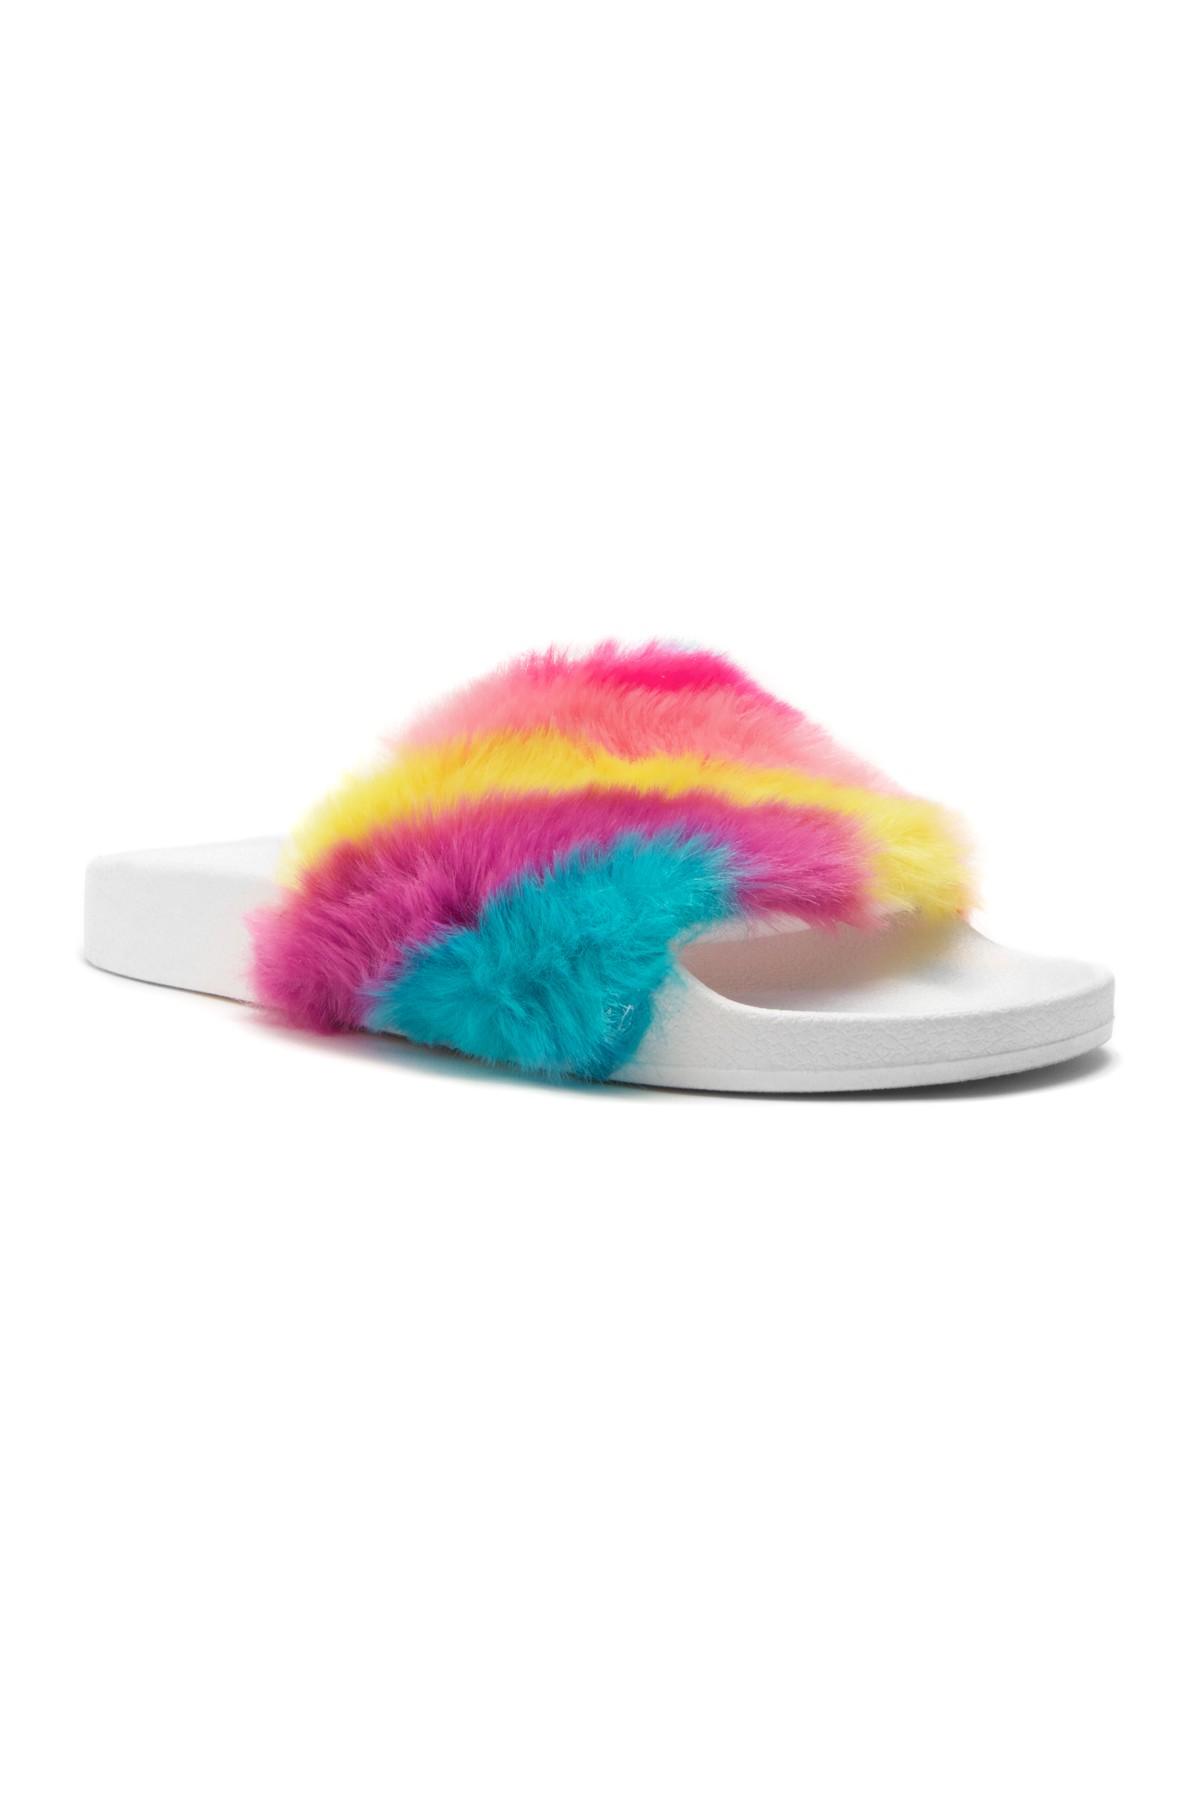 659495474720 Herstyle Women s SL-160801 Faux Fur Slide Sandal(Rainbow)